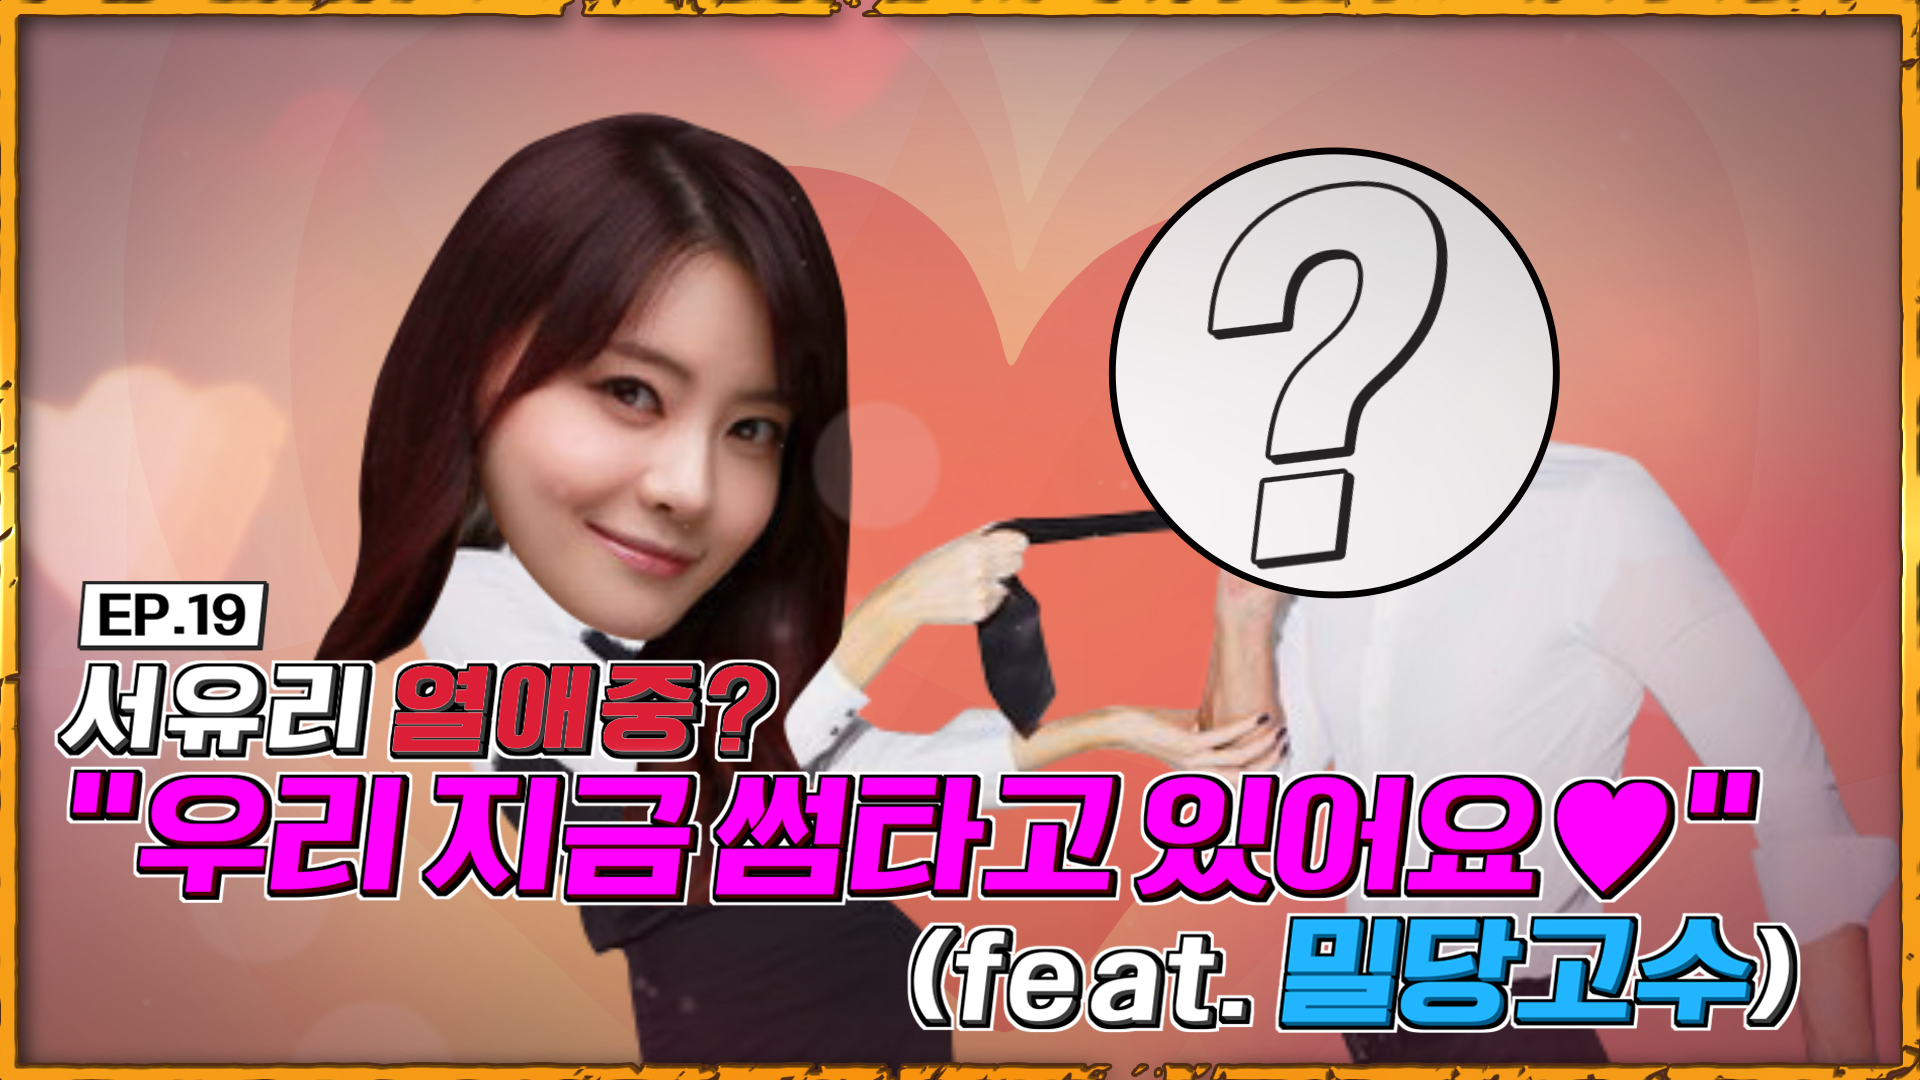 """[핵인싸동맹] EP.19 서유리 연애중?! """"우리 지금 썸타고 있어요♥"""" (feat. 밀당고수) HACKINSSA CREW"""